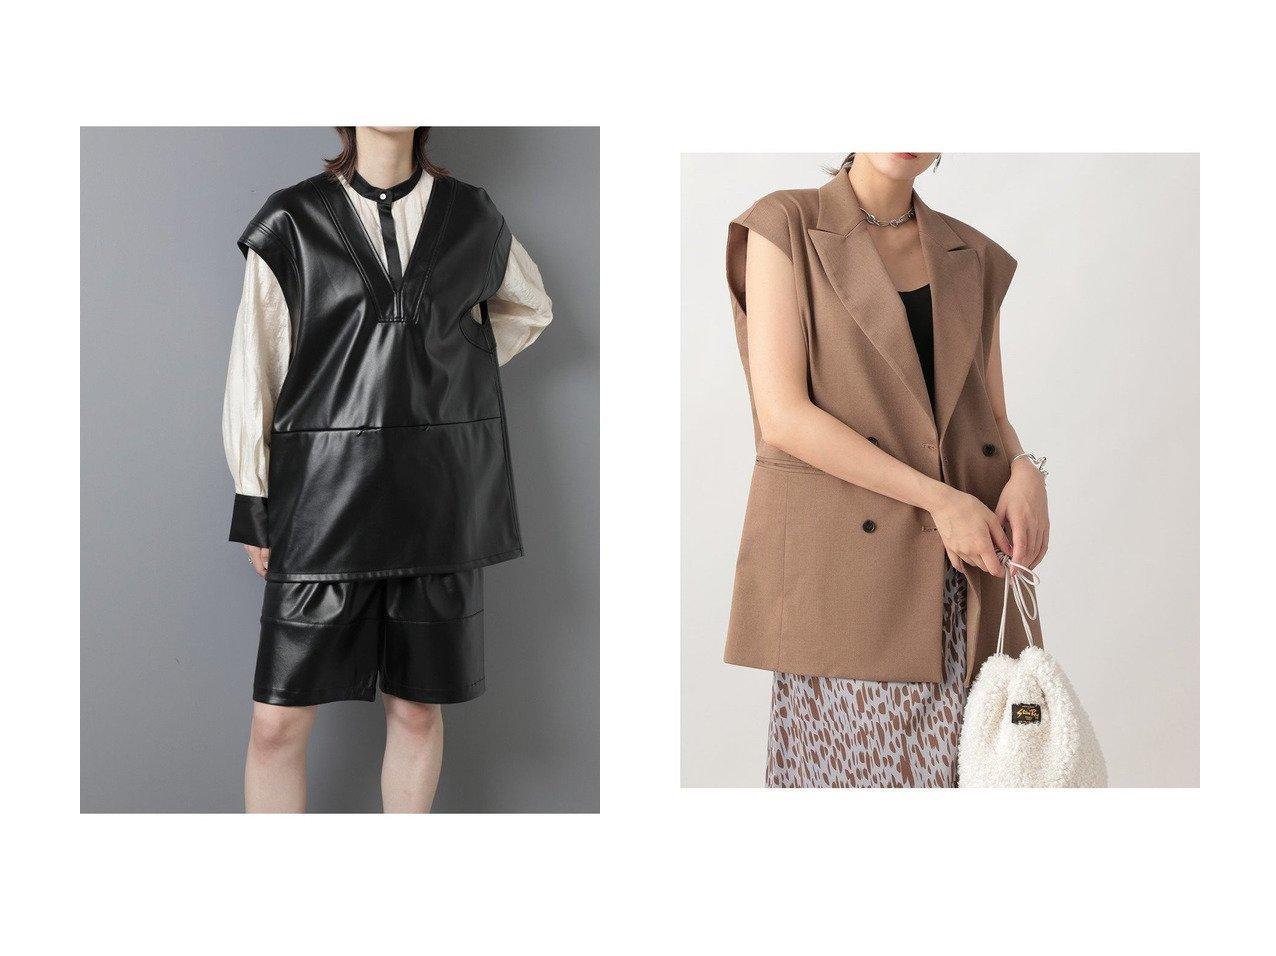 【Ezick/エジック】のカルゼダブルオーバージレ&【ROSE BUD/ローズバッド】のフェイクレザー2wayベスト 【アウター】おすすめ!人気、トレンド・レディースファッションの通販 おすすめで人気の流行・トレンド、ファッションの通販商品 インテリア・家具・メンズファッション・キッズファッション・レディースファッション・服の通販 founy(ファニー) https://founy.com/ ファッション Fashion レディースファッション WOMEN アウター Coat Outerwear ジャケット Jackets 2020年 2020 2020-2021秋冬・A/W AW・Autumn/Winter・FW・Fall-Winter/2020-2021 2021年 2021 2021-2022秋冬・A/W AW・Autumn/Winter・FW・Fall-Winter・2021-2022 A/W・秋冬 AW・Autumn/Winter・FW・Fall-Winter おすすめ Recommend ジャケット セットアップ フェイクレザー ベスト ポケット ルーズ 羽織 インナー トレンド 夏 Summer 秋 Autumn/Fall |ID:crp329100000060546